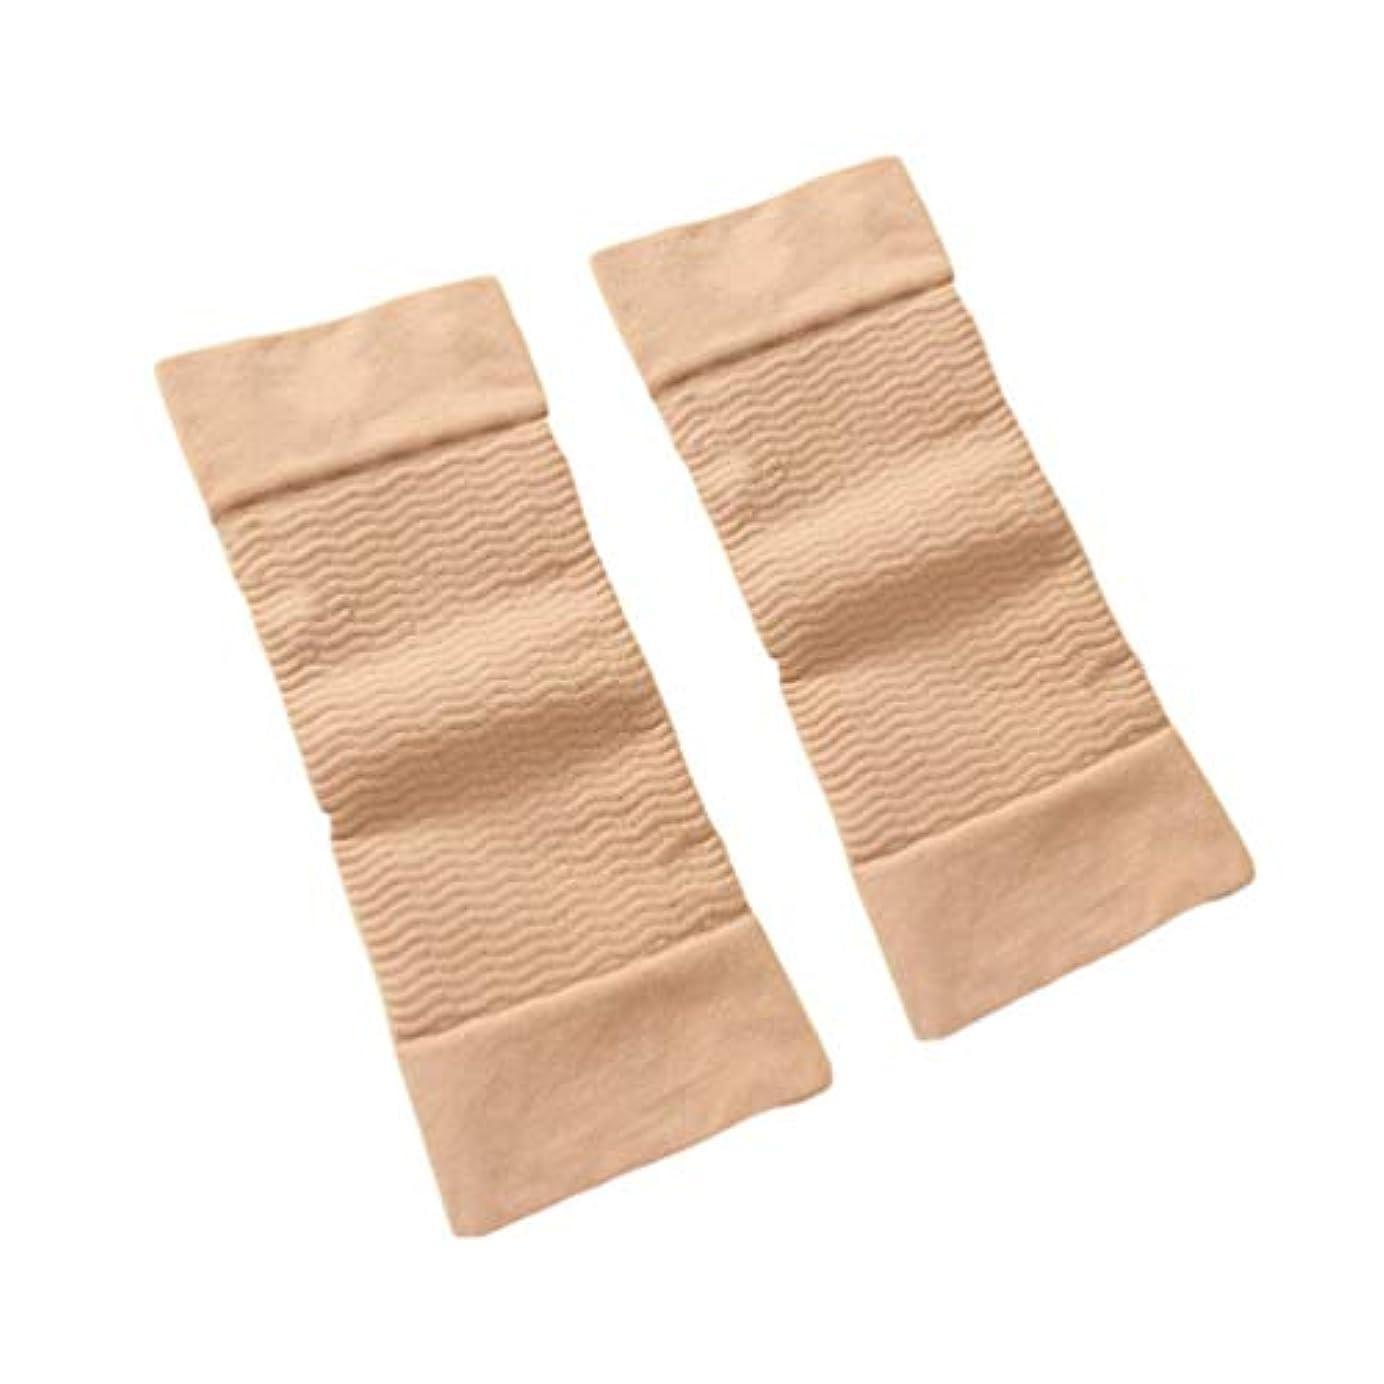 消毒剤枕ガイド1ペア420 D圧縮痩身アームスリーブワークアウトトーニングバーンセルライトシェイパー脂肪燃焼袖用女性 - 肌色